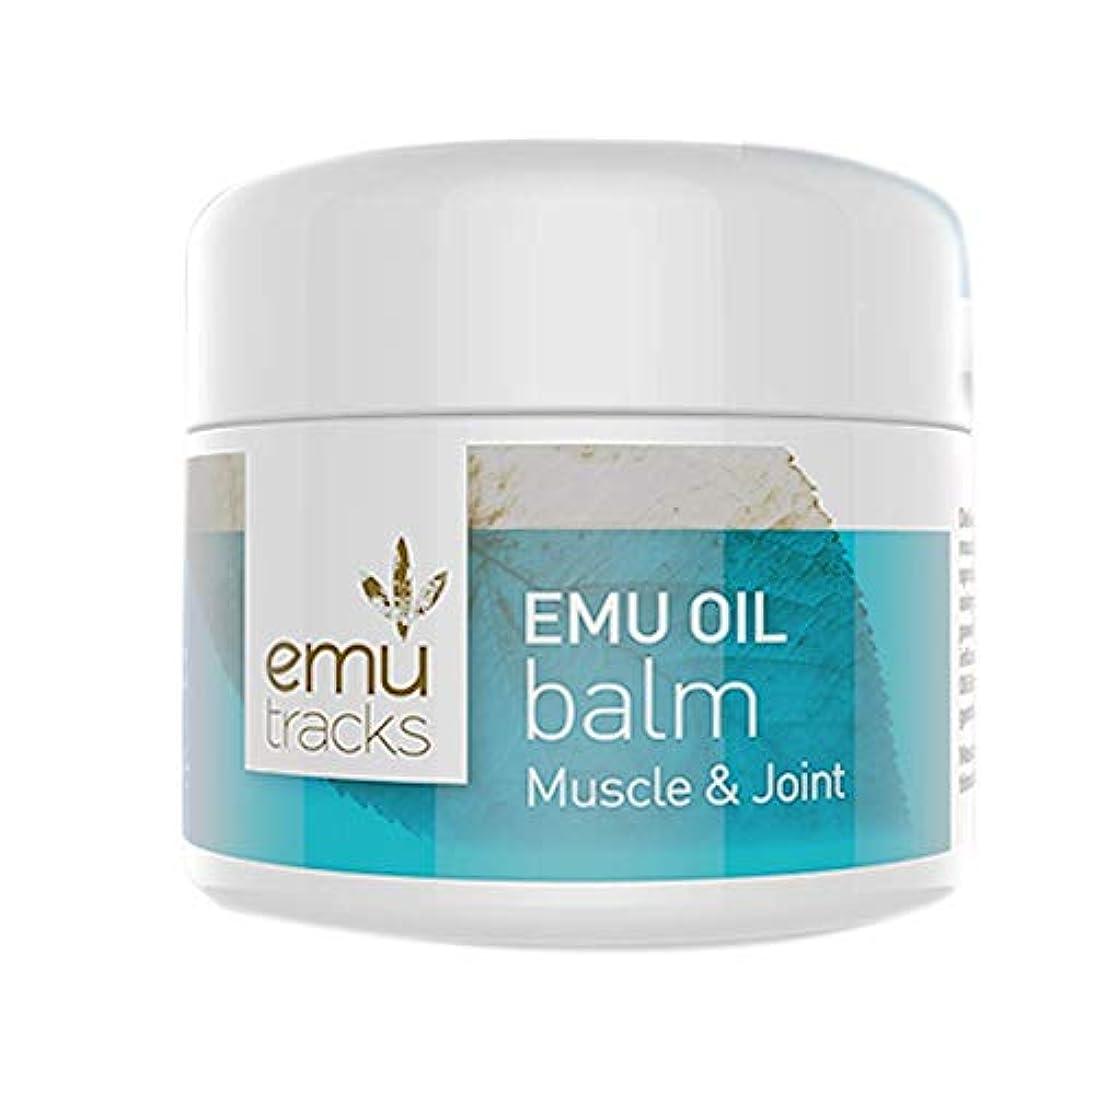 アナログドリル苛性[Emu Tracks] エミュー?オイル?バーム(Muscle & Joint)50g 【海外直送】